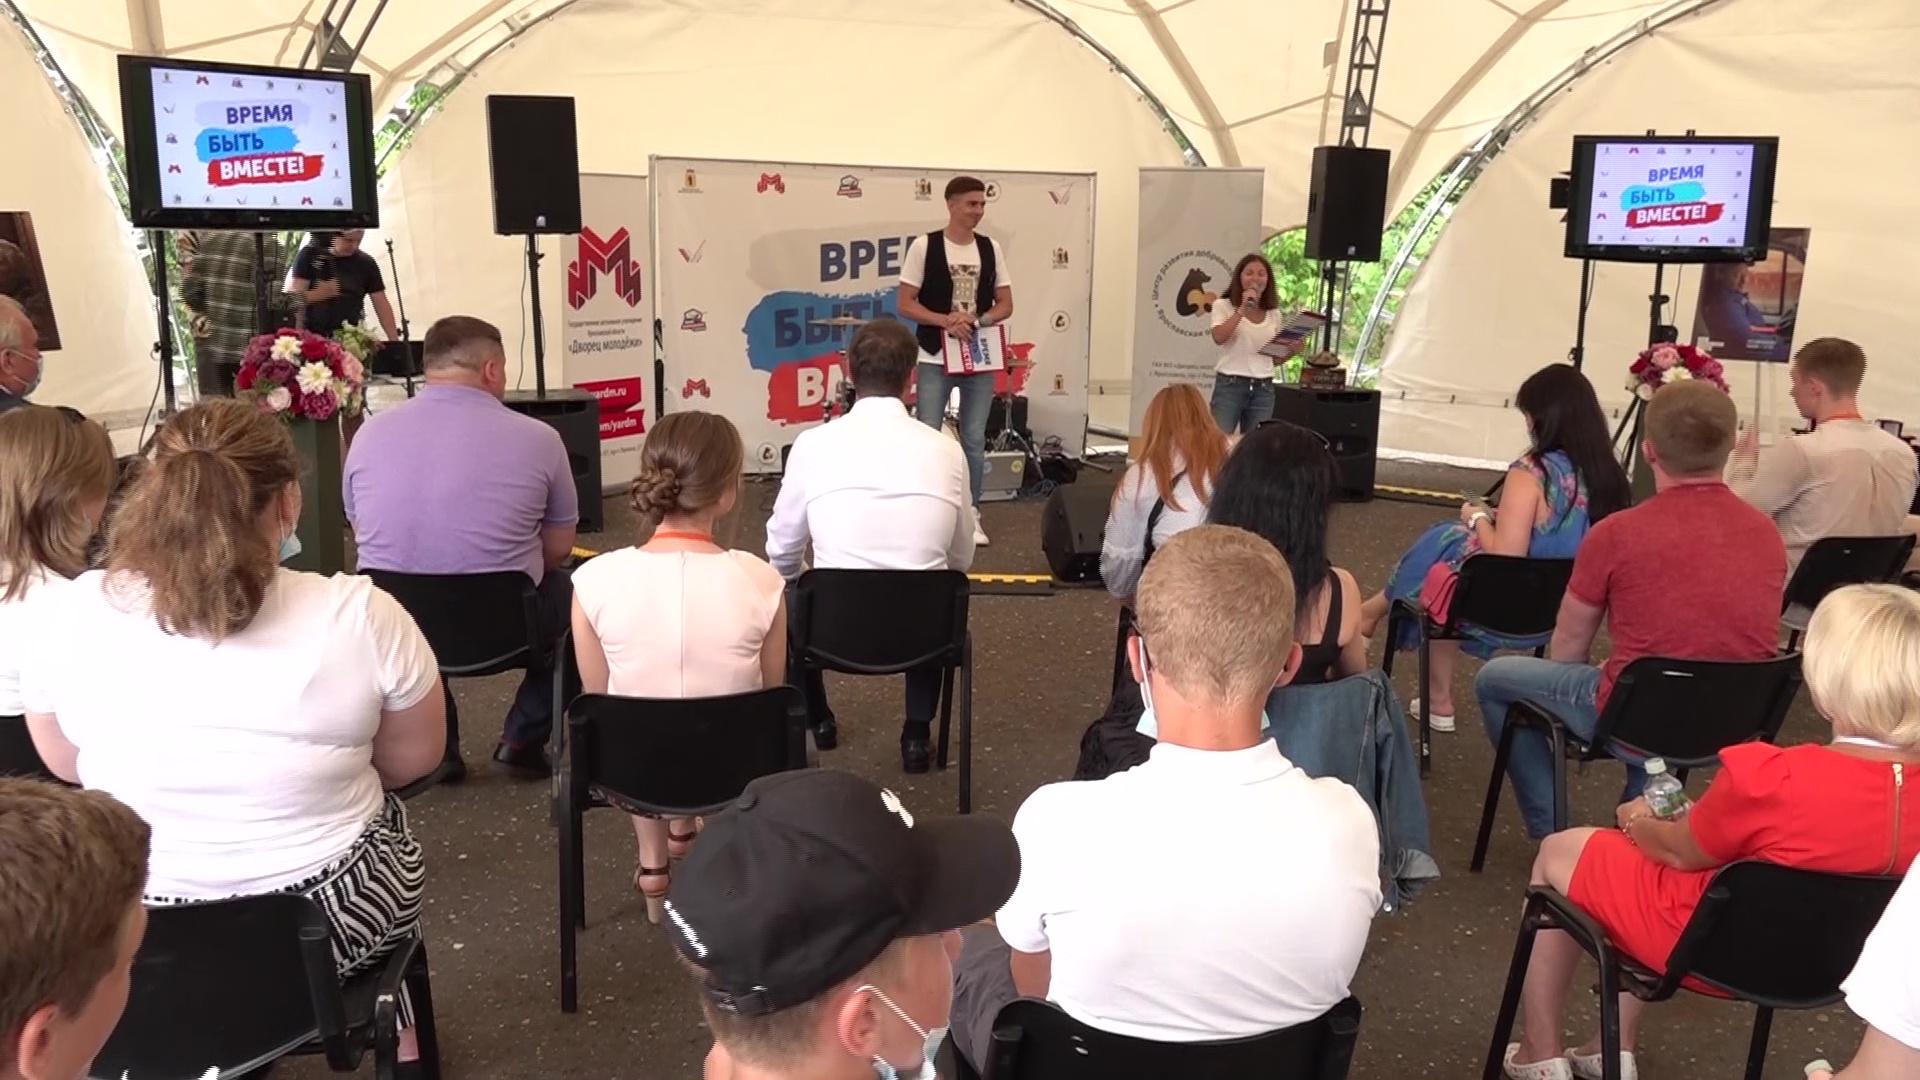 Вклад ярославских добровольцев в борьбу с пандемией коронавируса отметили федеральными памятными медалями